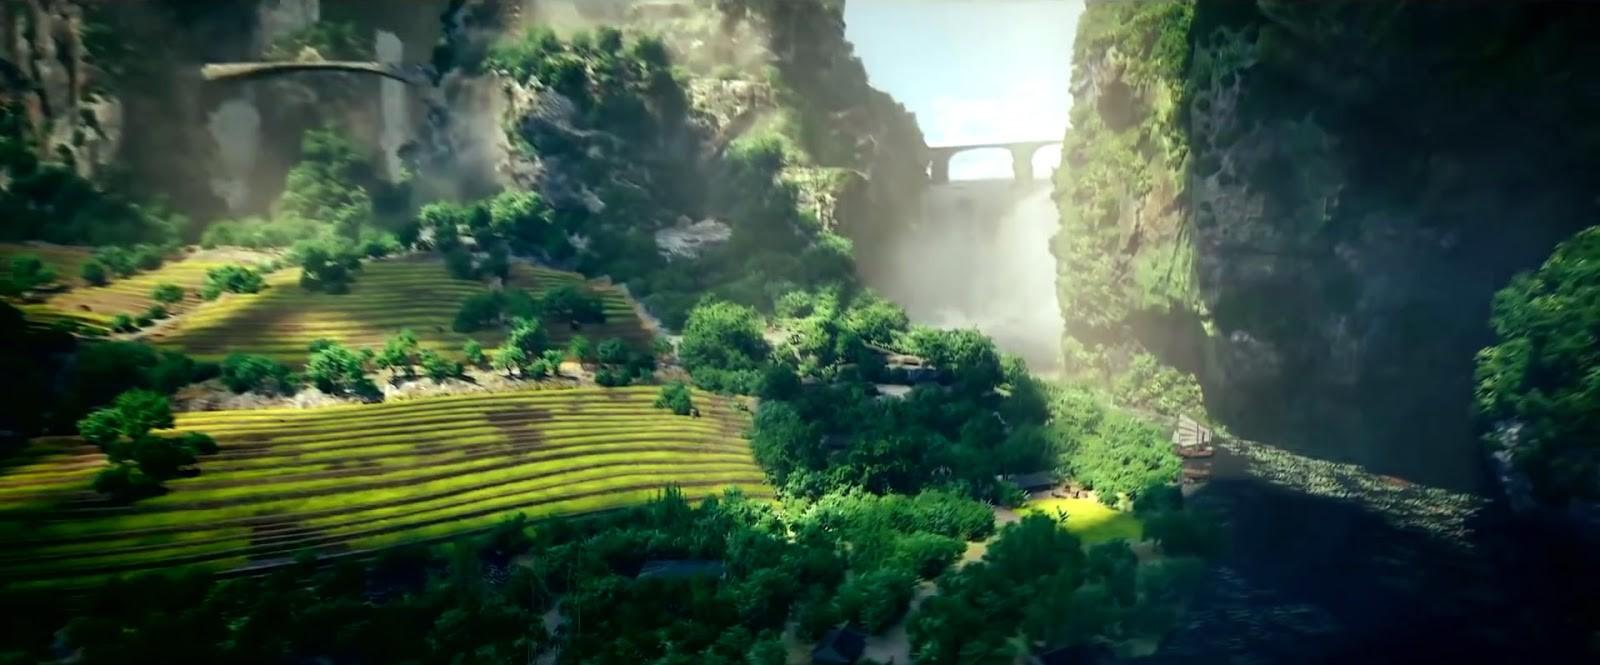 Và những núi đá vôi hùng vỹ bao quanh dòng sông êm dịu